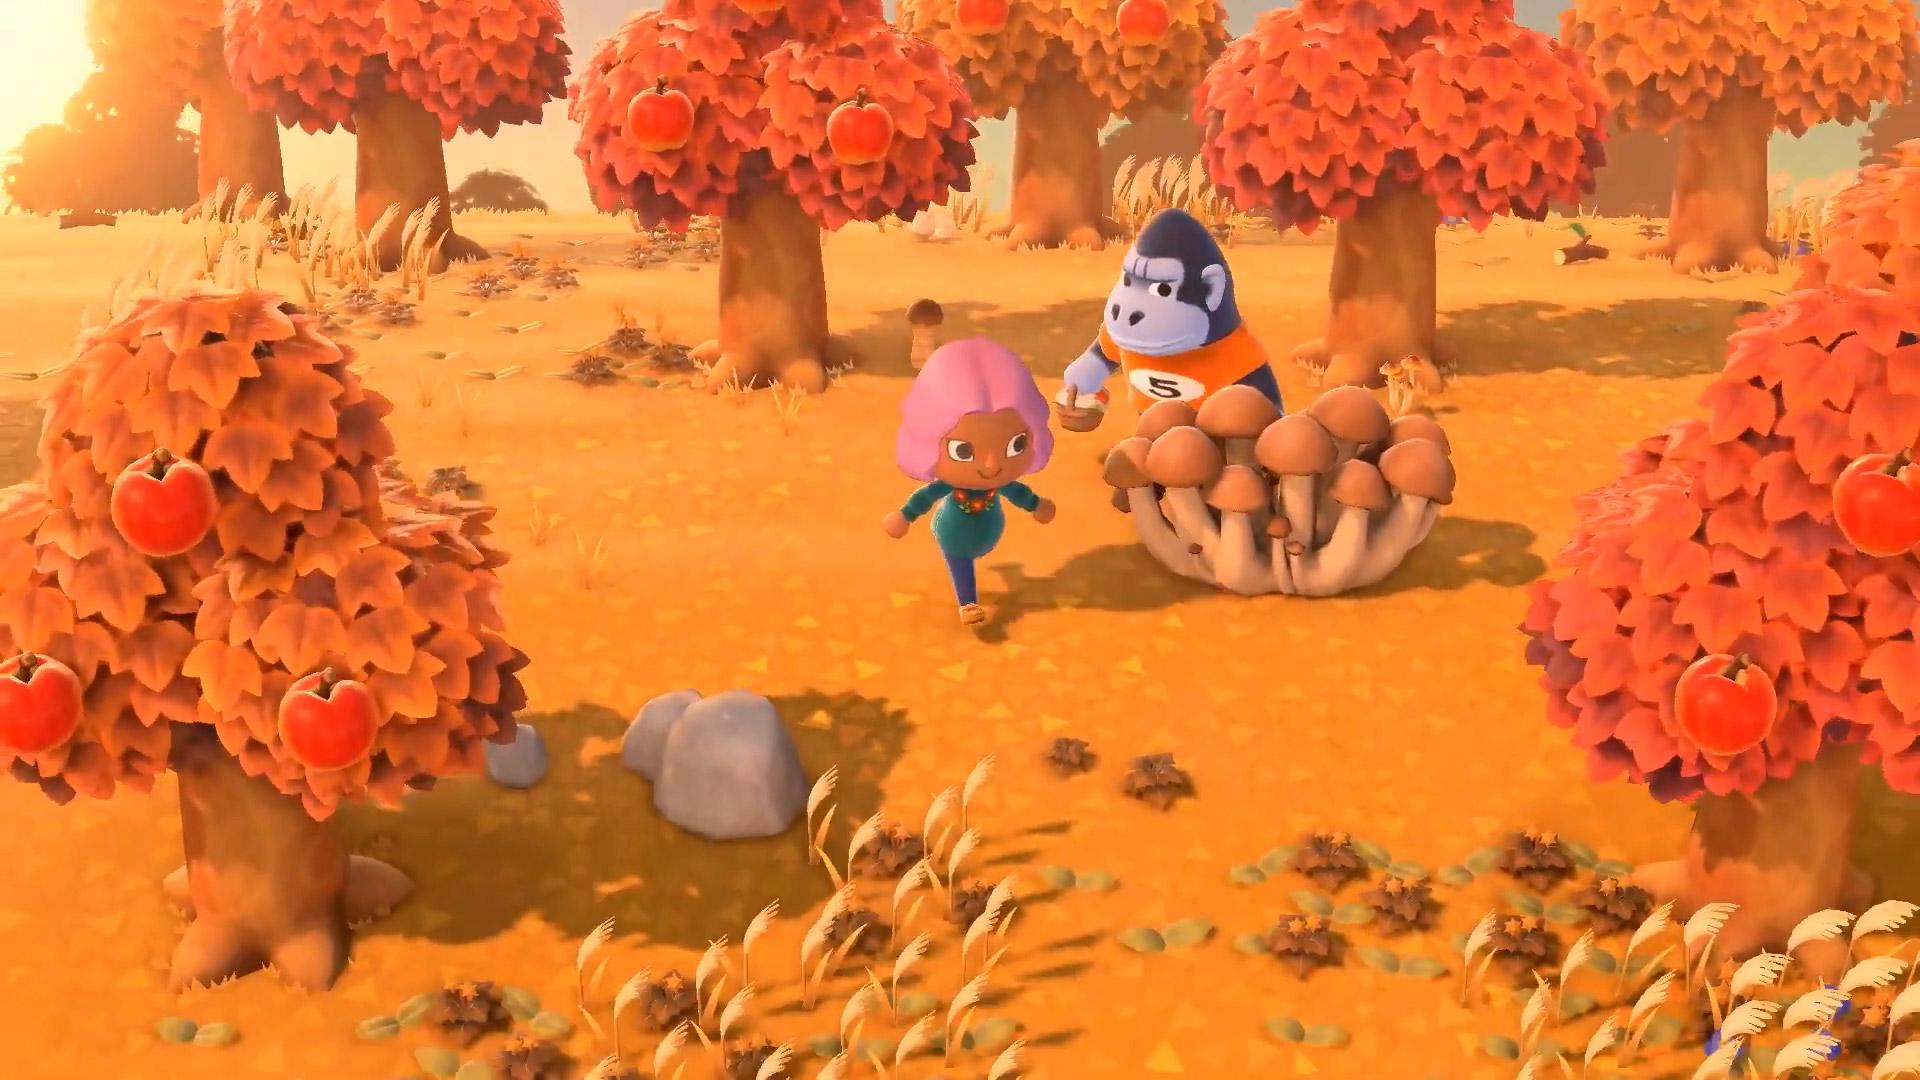 Animal Crossing: New Horizons looks worth the wait screenshot